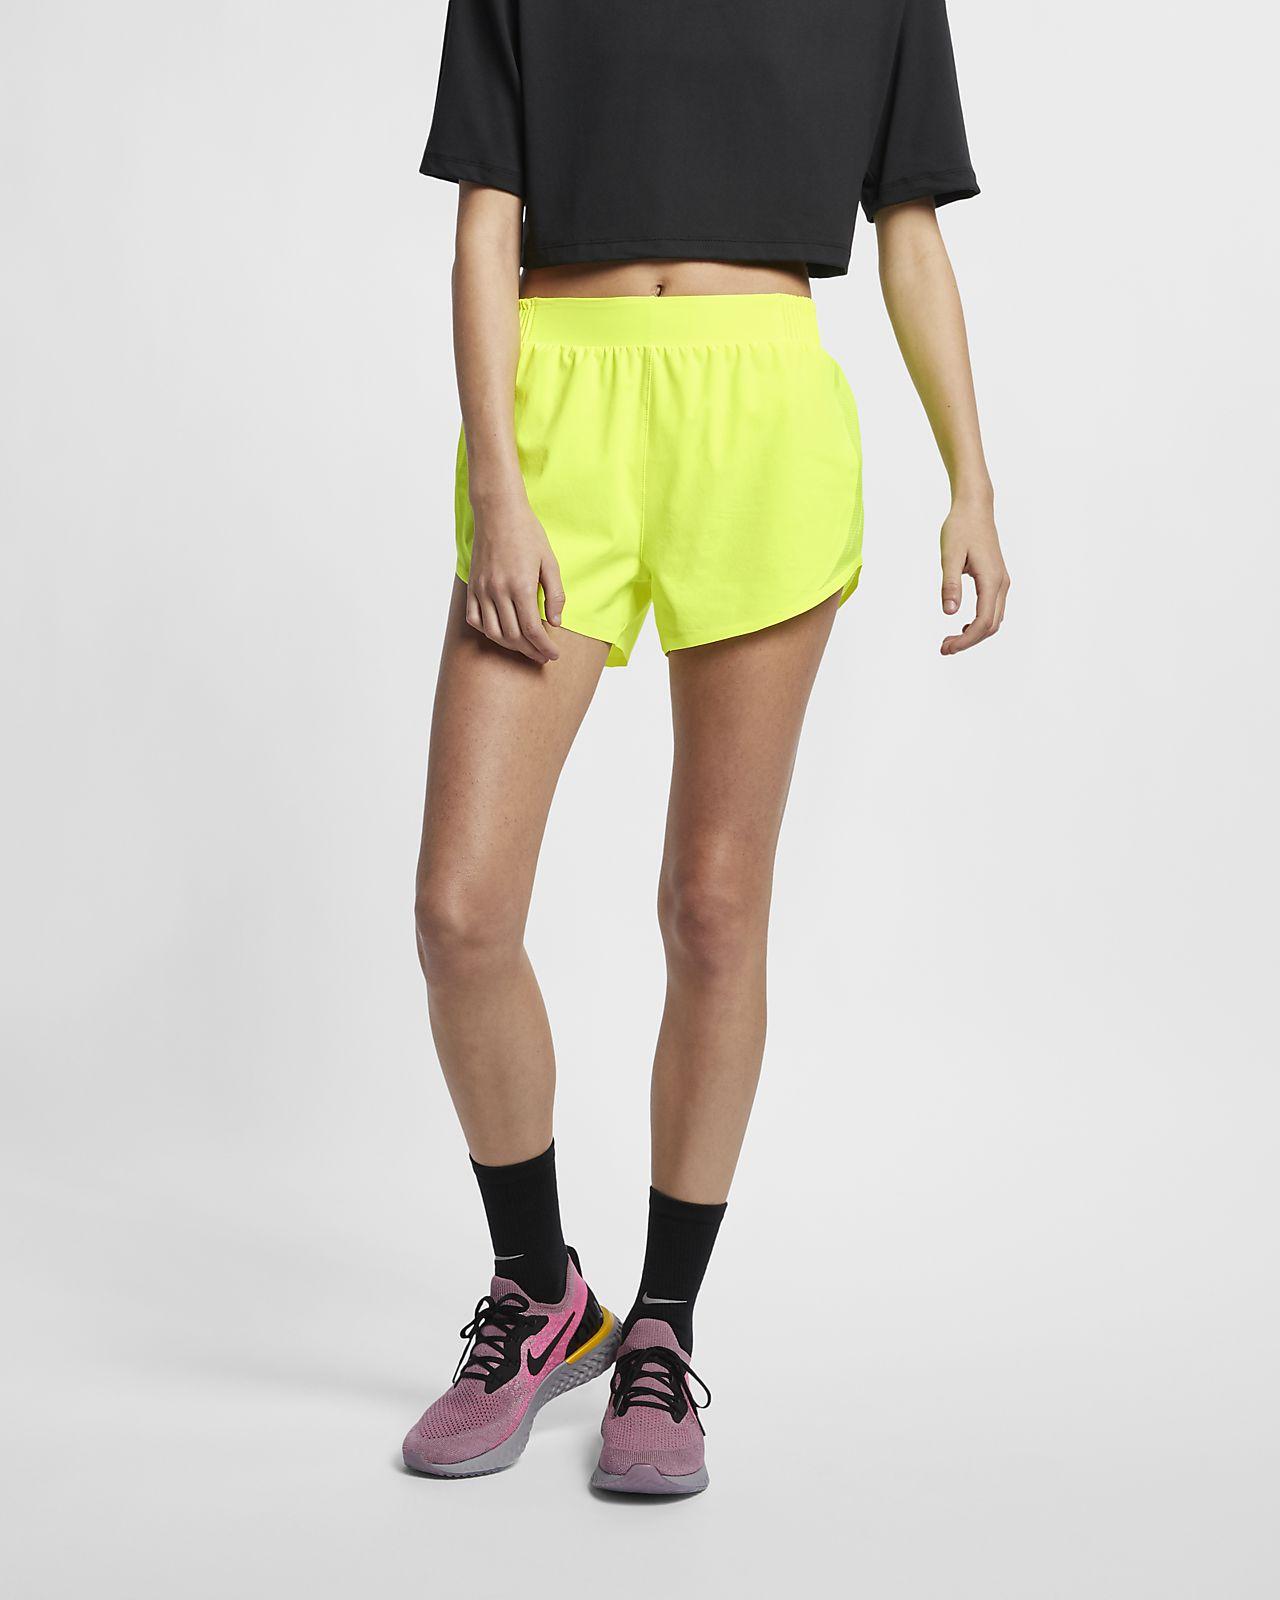 9d335165f7 Calções de running Nike Tempo para mulher. Nike.com PT